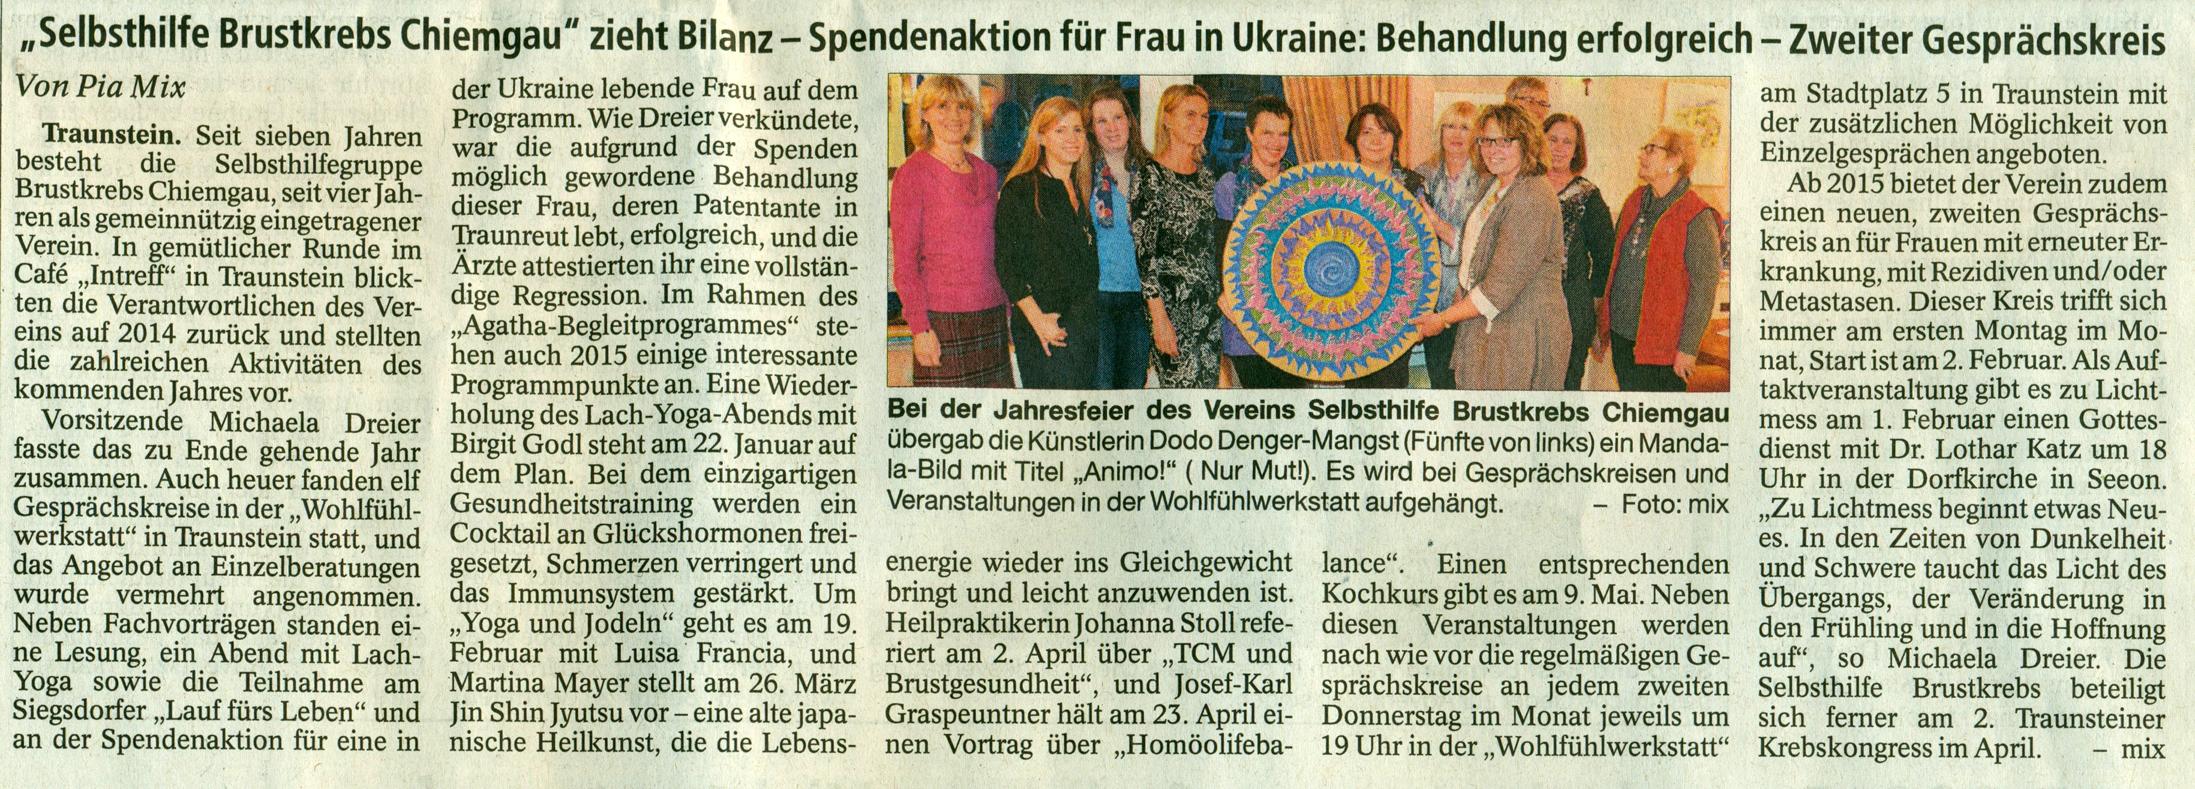 Trostberger Tagblatt 4.12.14